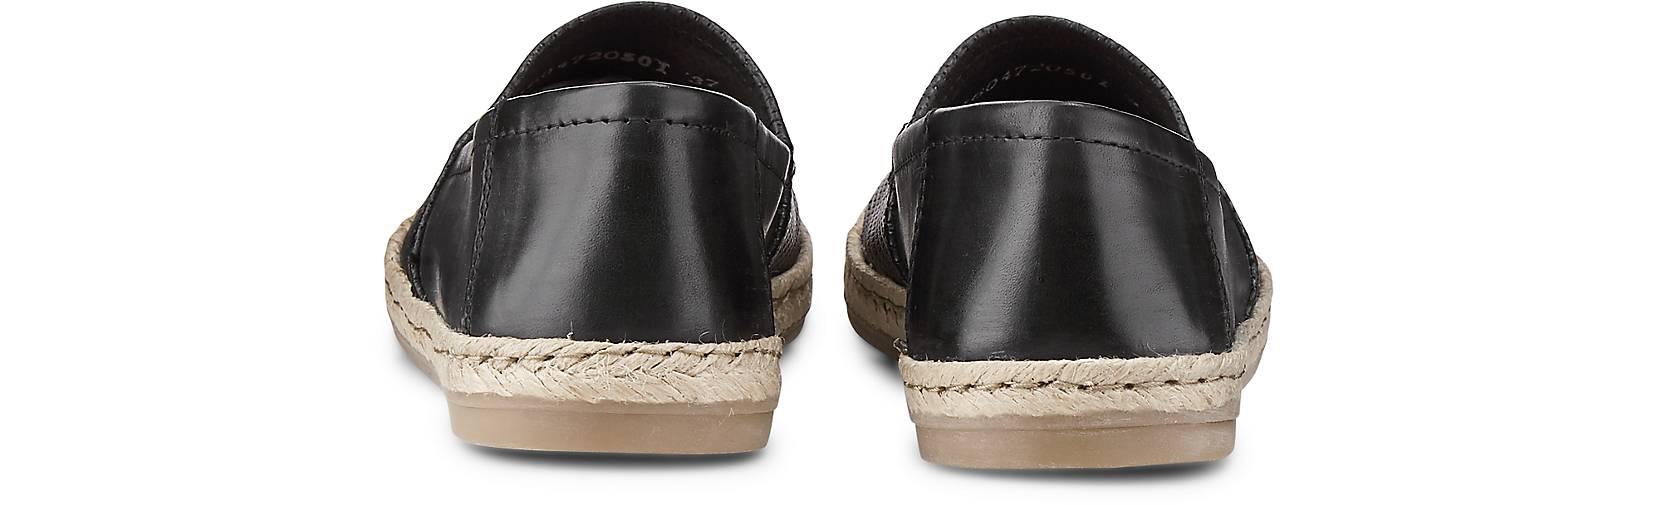 Cox - Trend-Espadrille in schwarz kaufen - Cox 46047205 | GÖRTZ 60dd91